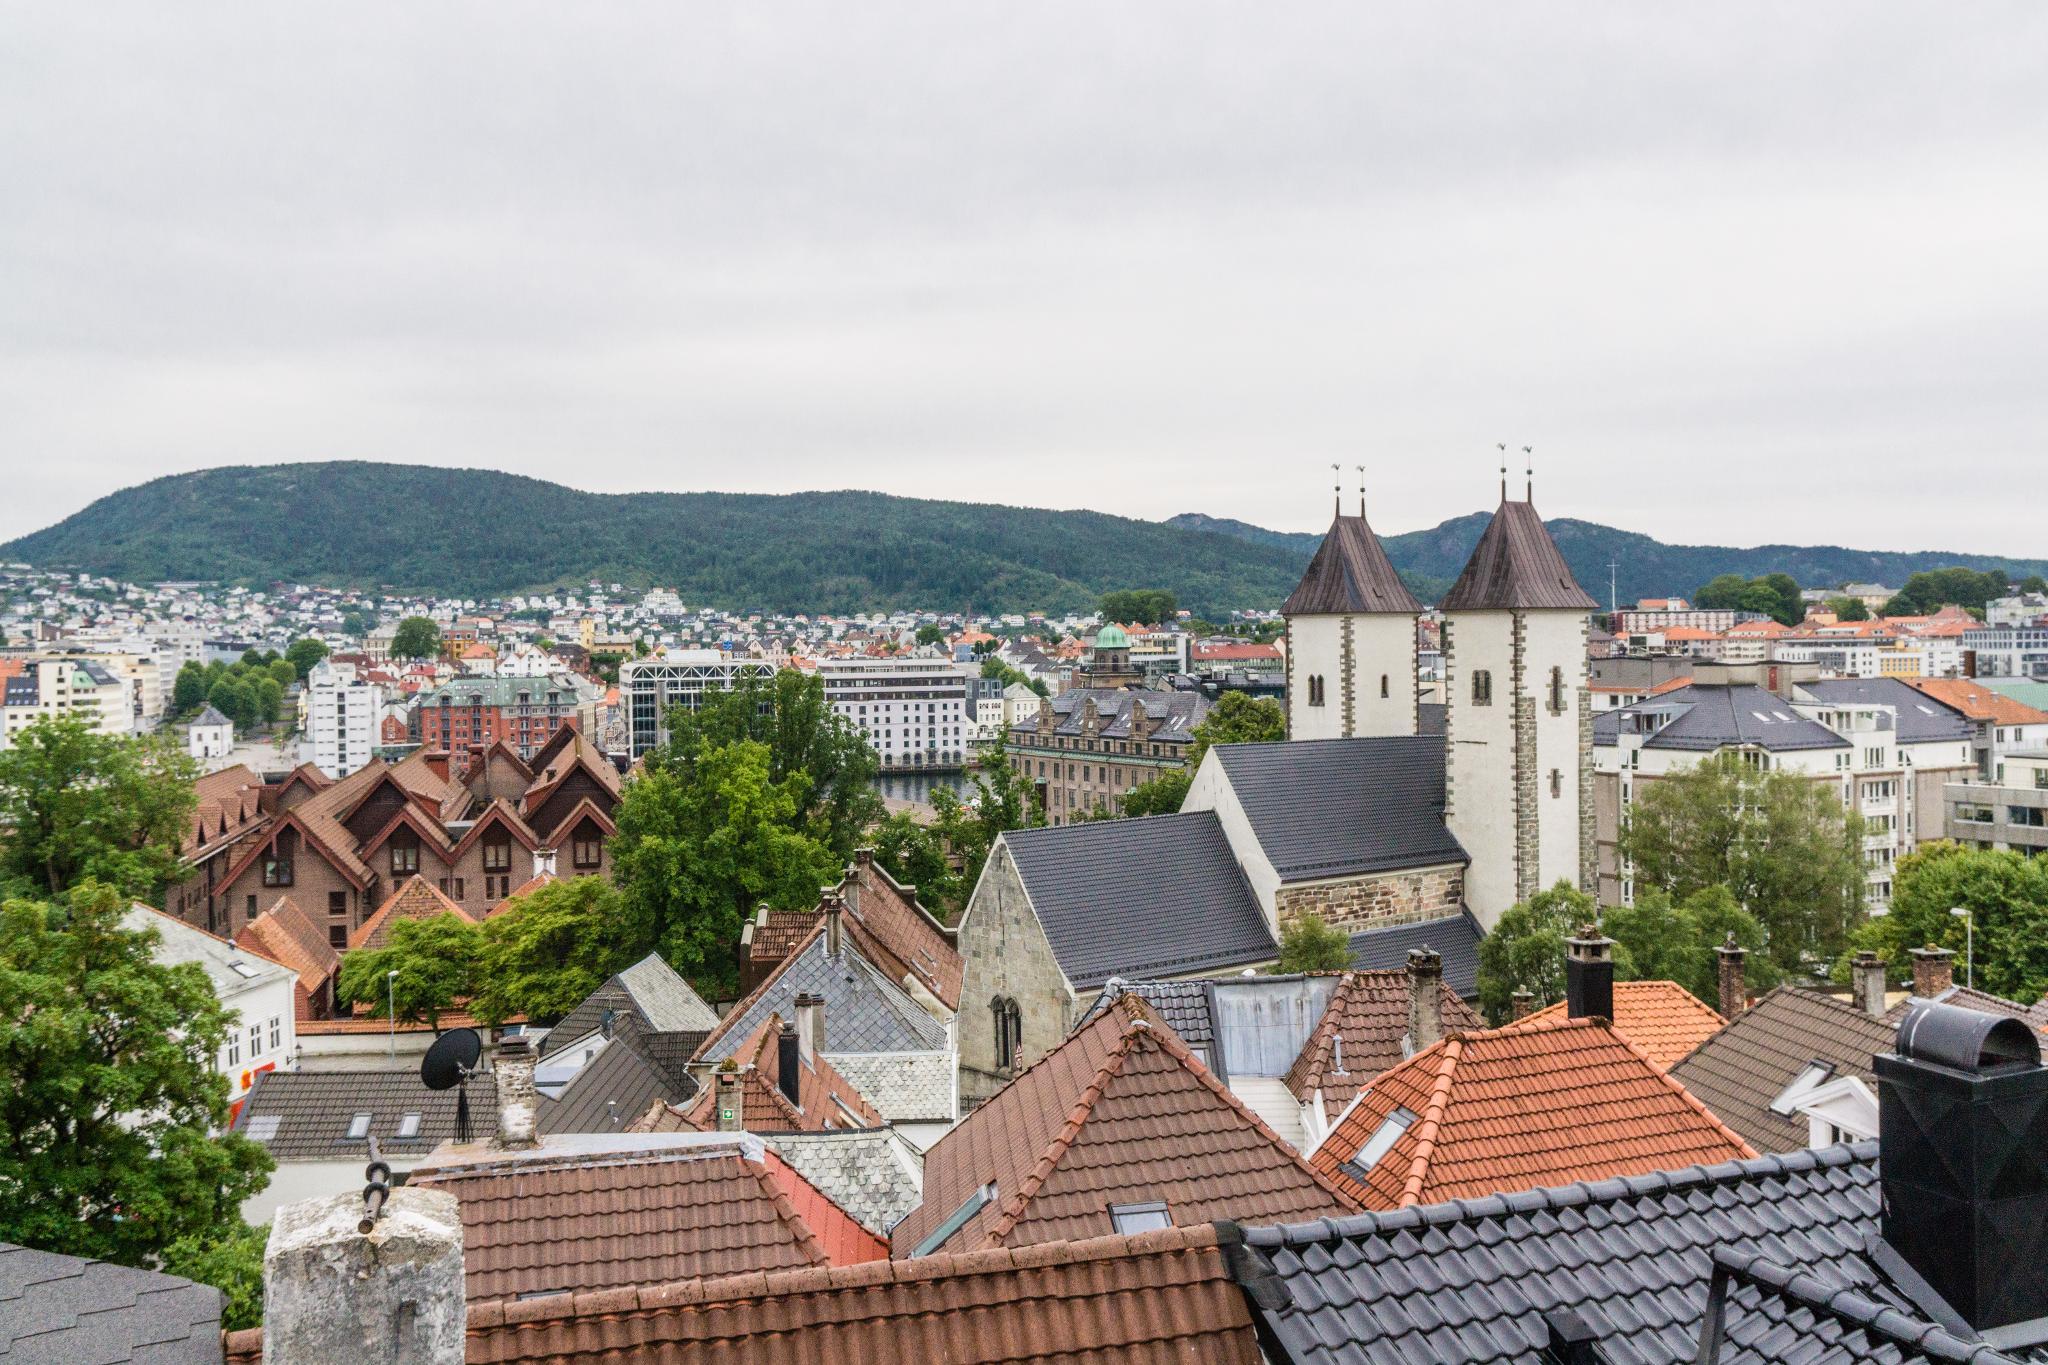 【卑爾根】旅行隨筆:走入卑爾根郊區的尋常百姓家 37